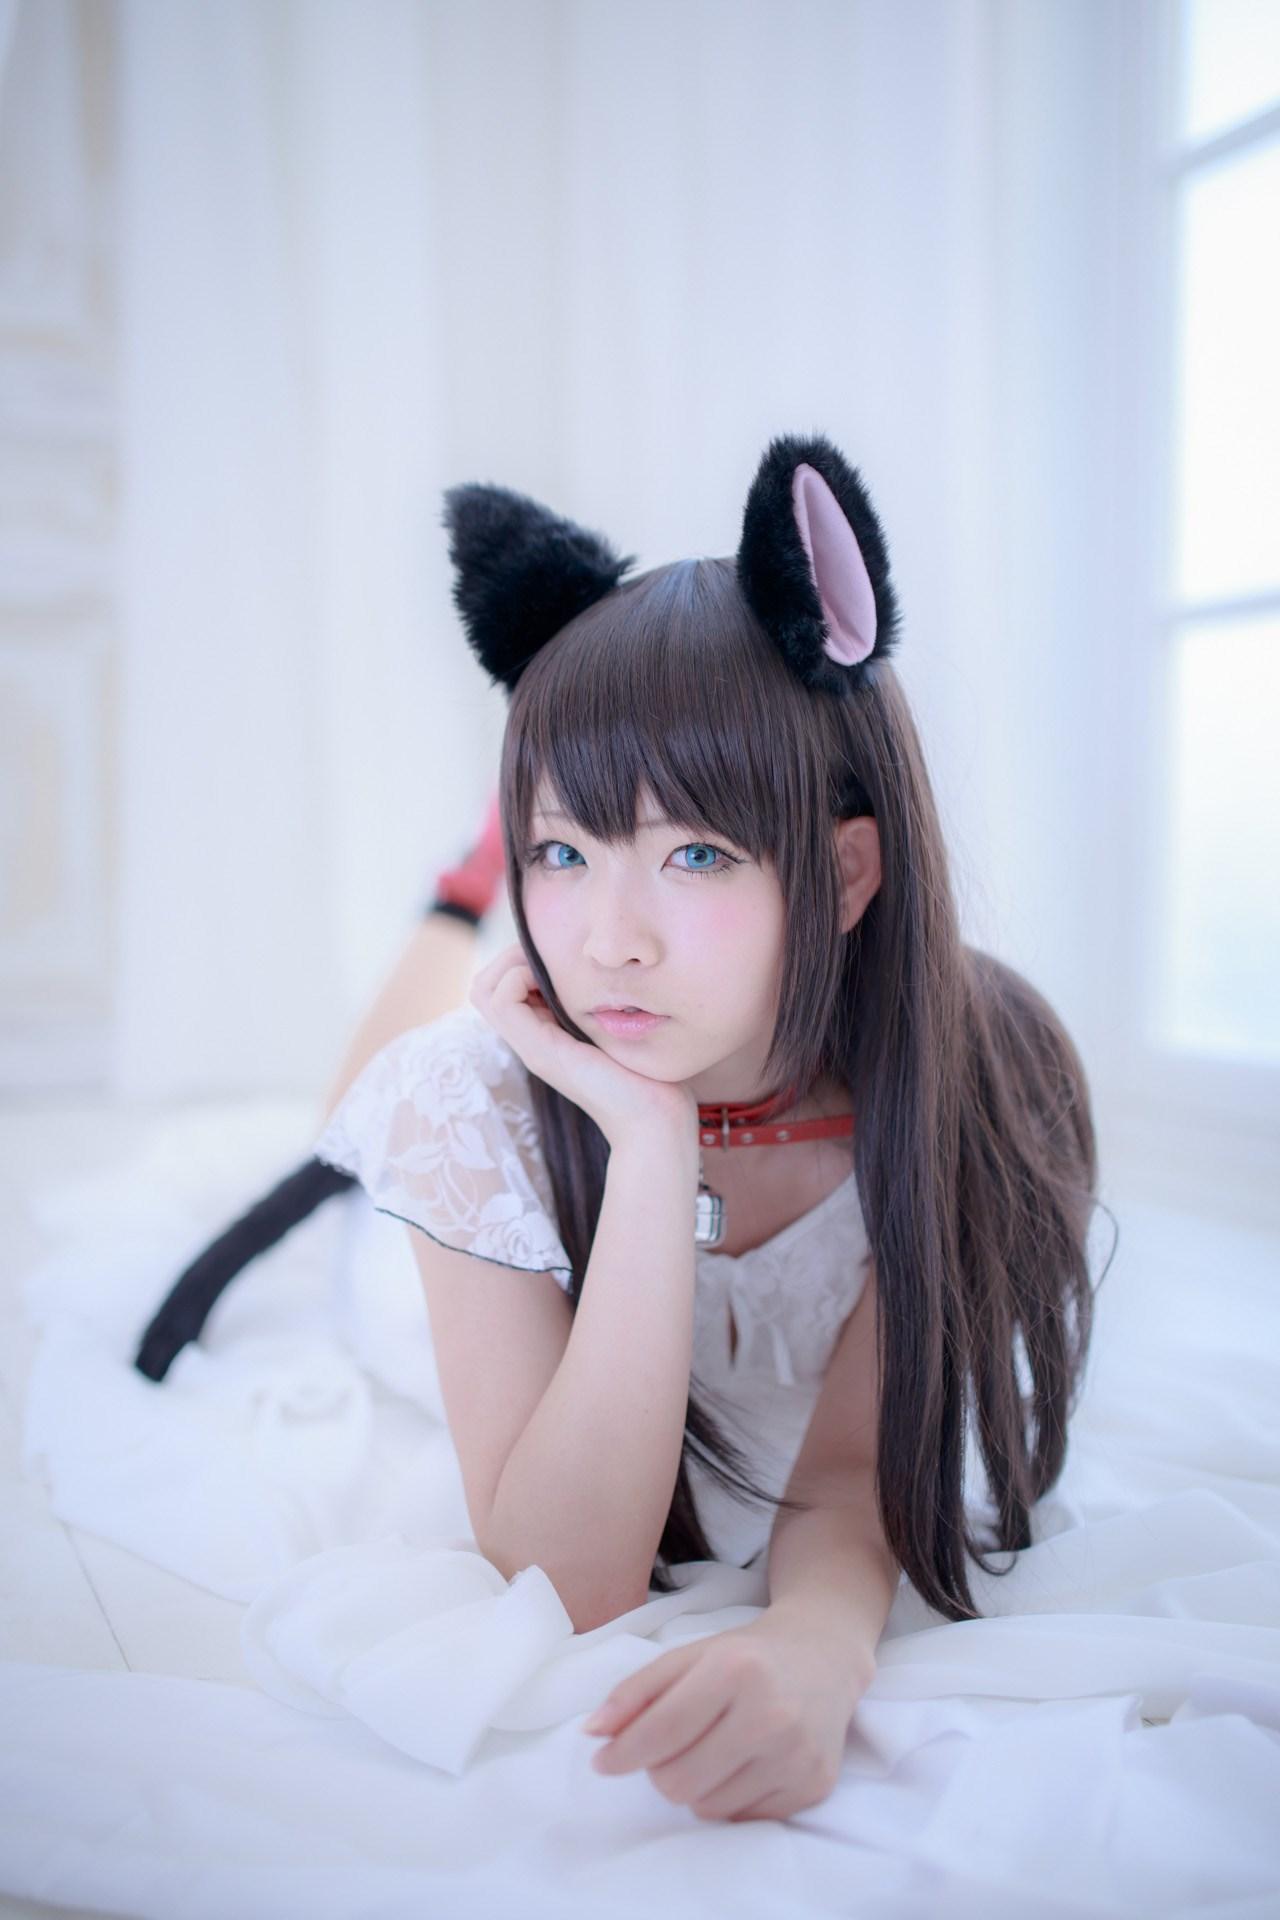 【兔玩映画】猫耳 兔玩映画 第1张